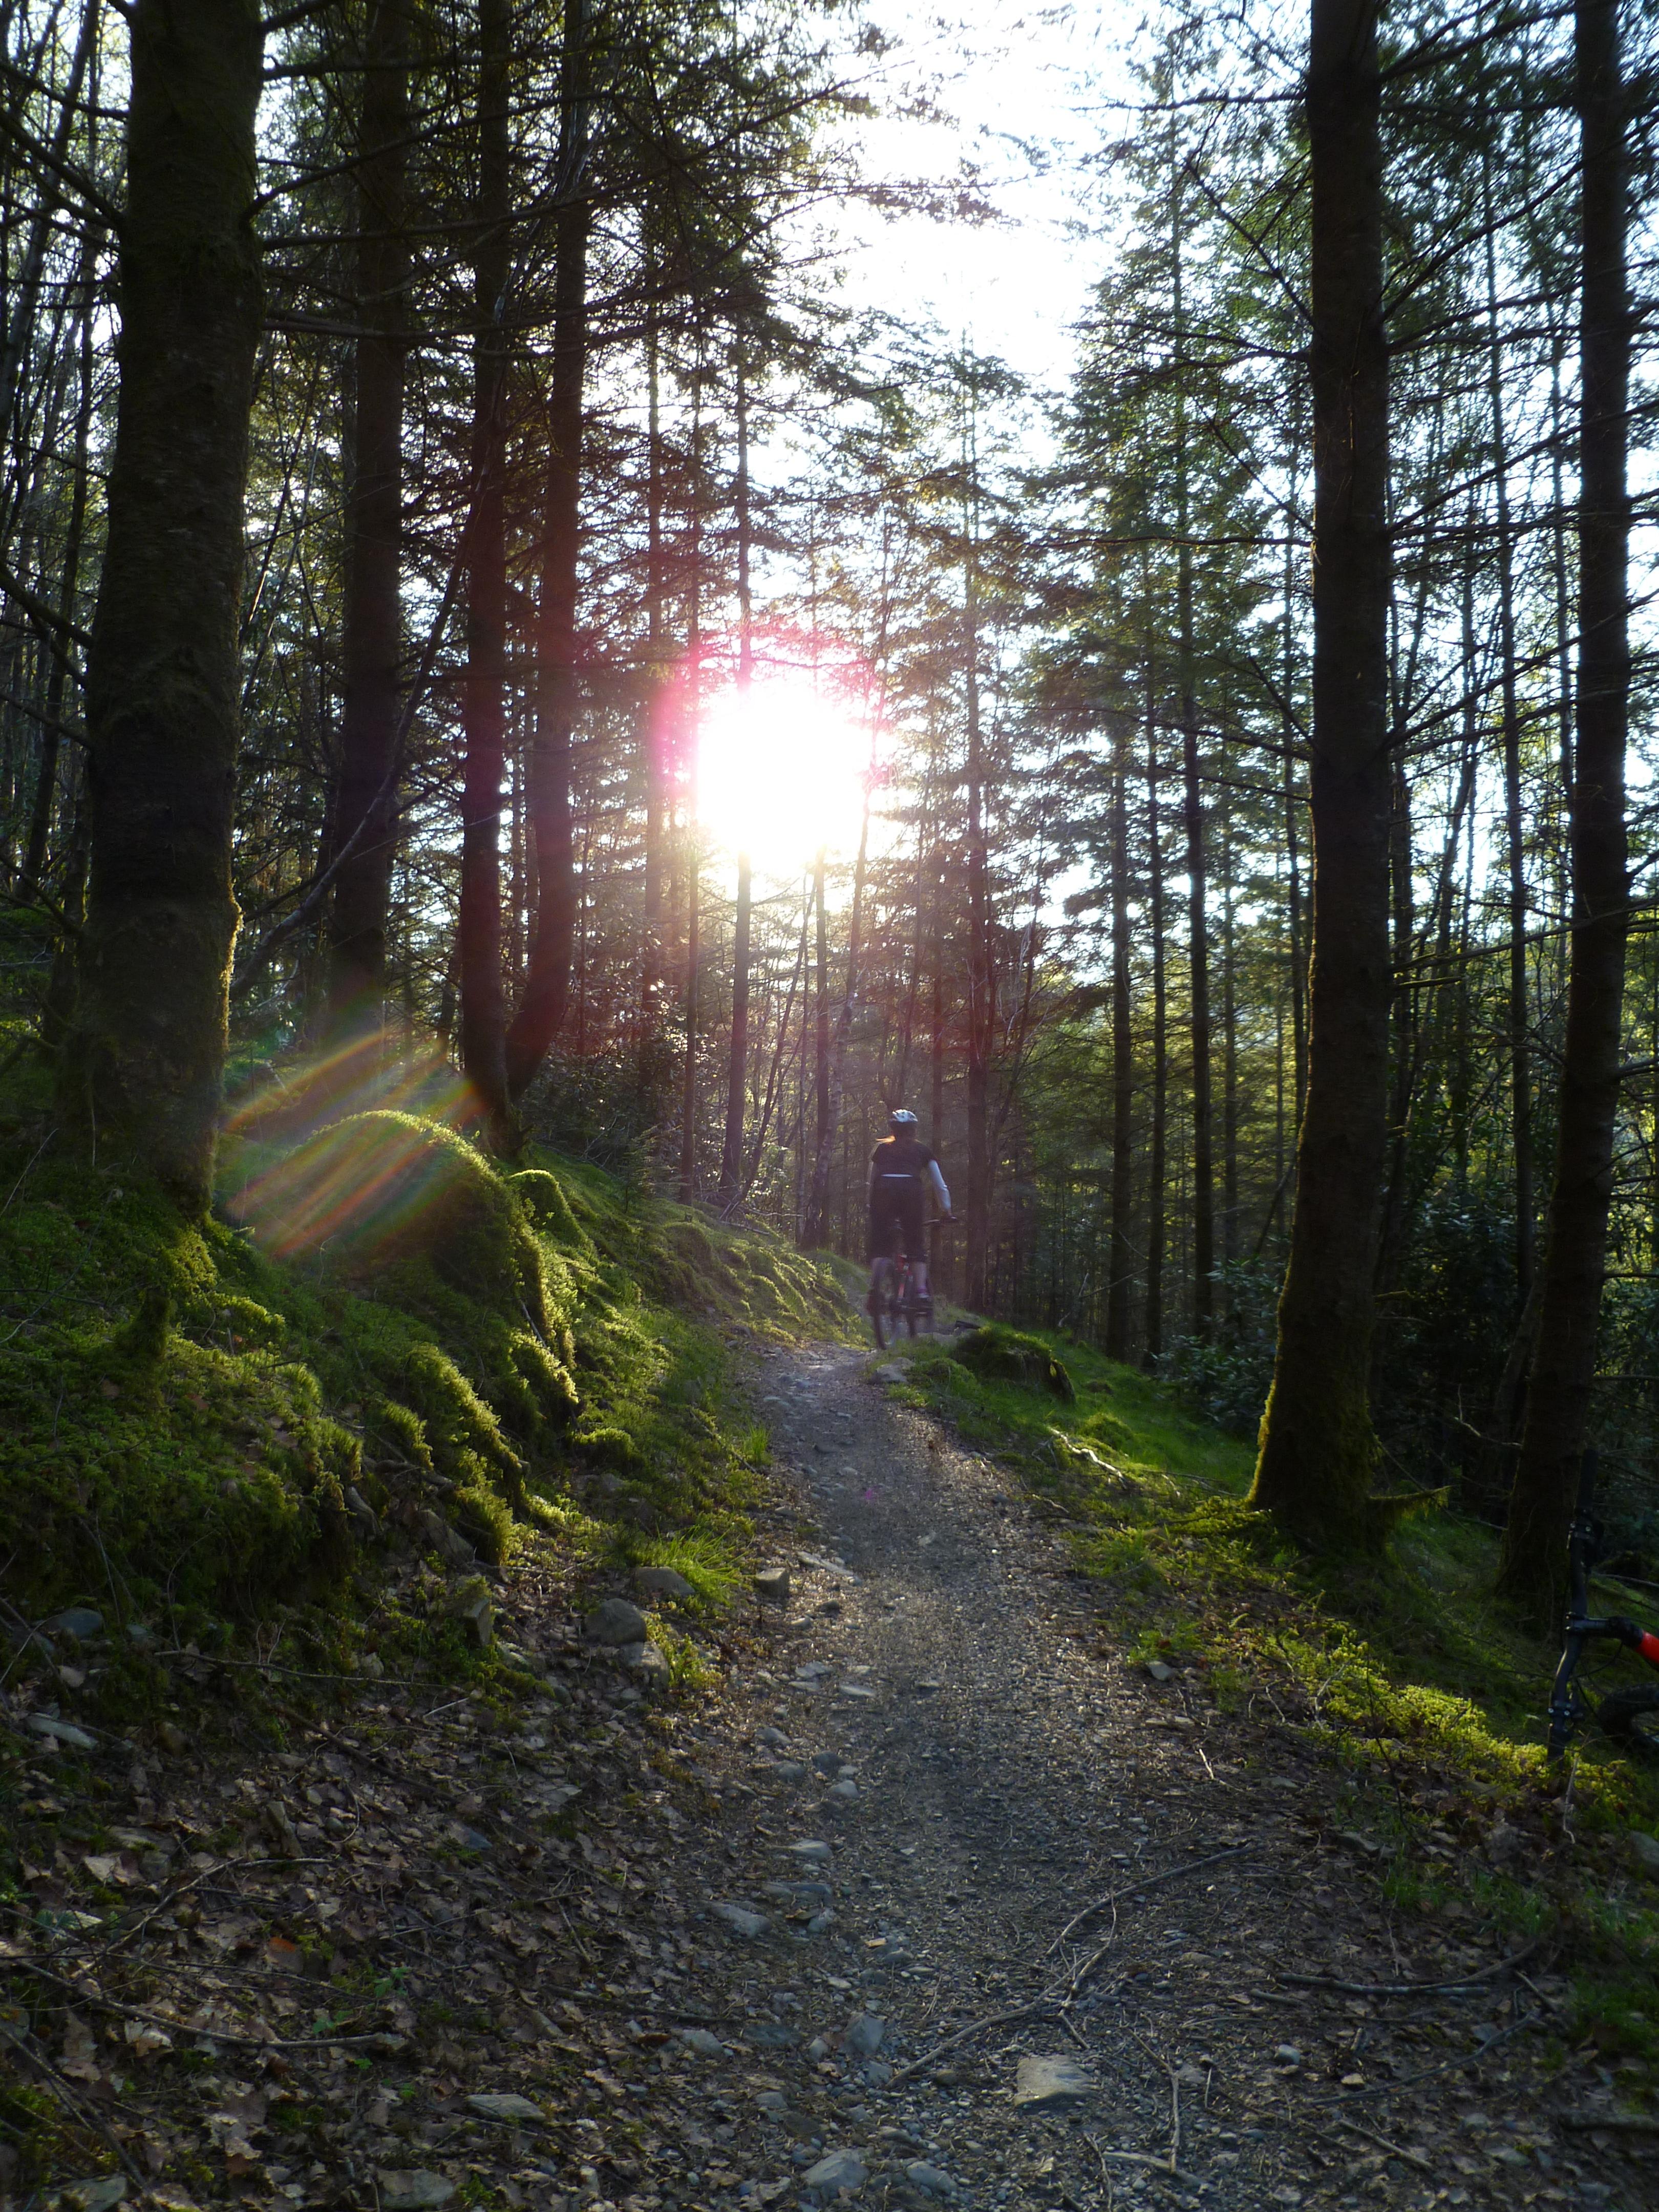 The sun shining at Coed y Brenin